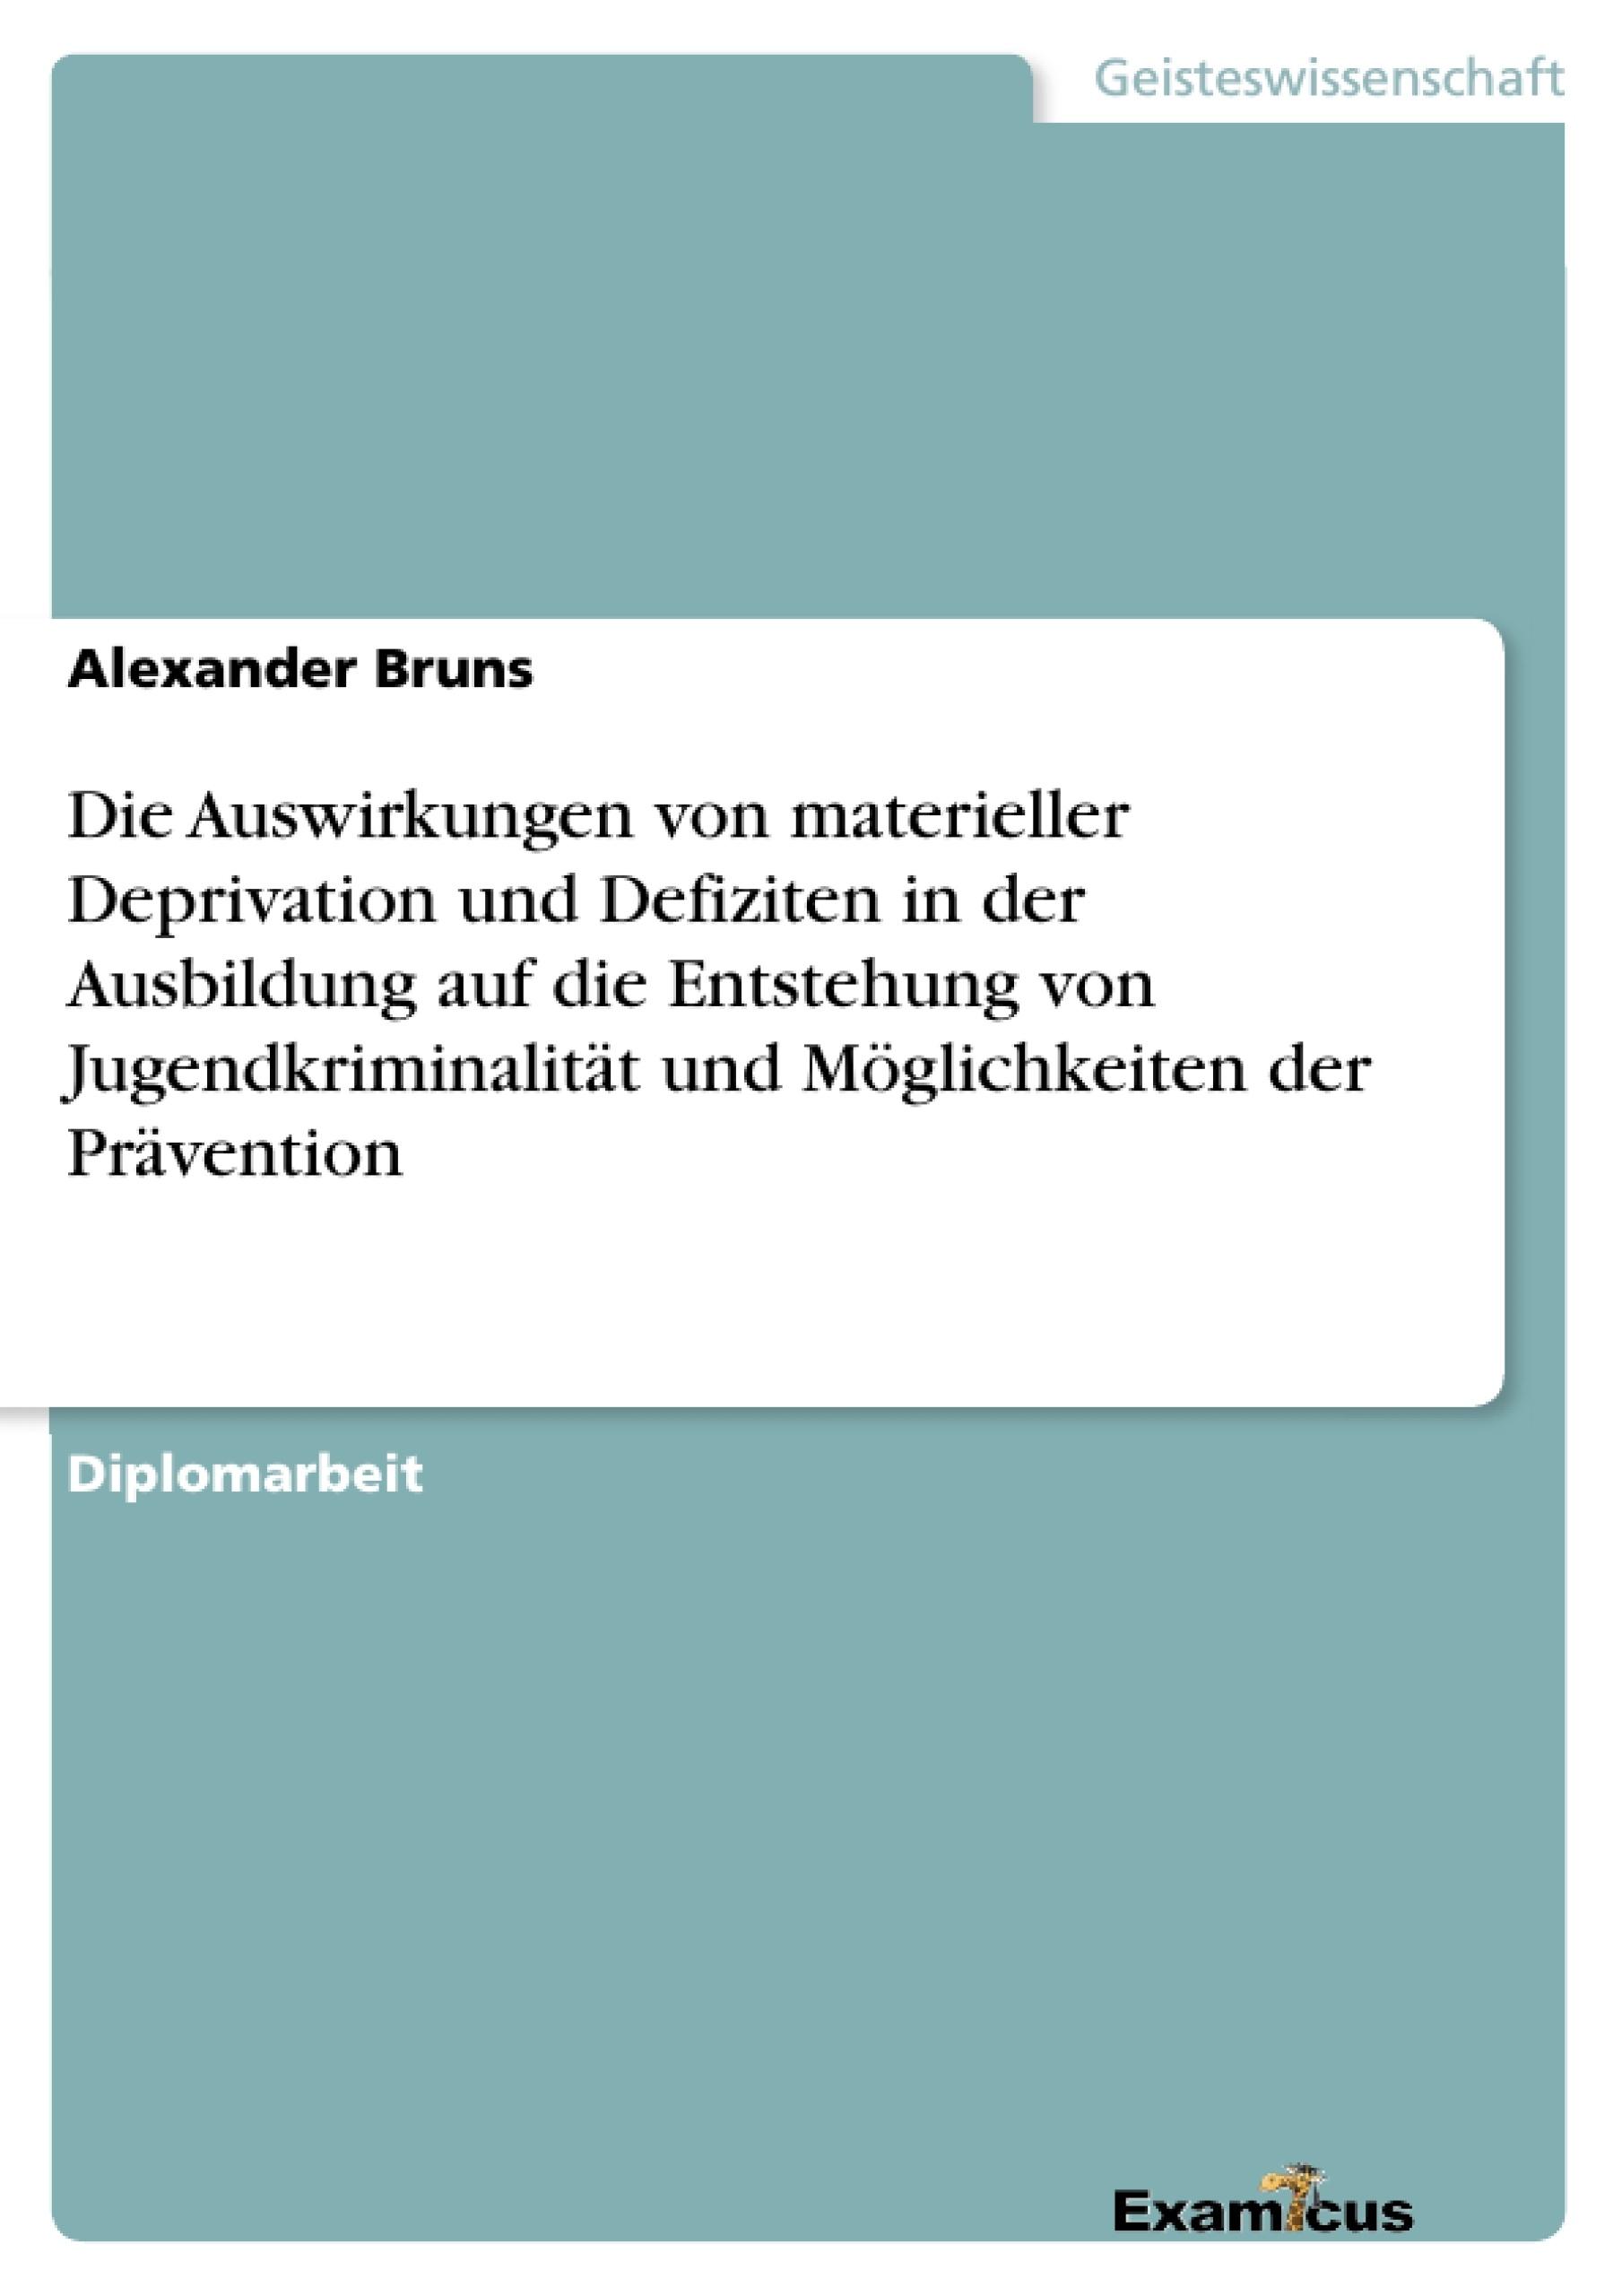 Titel: Die Auswirkungen von materieller Deprivation und Defiziten in der Ausbildung auf die Entstehung von Jugendkriminalität und Möglichkeiten der Prävention